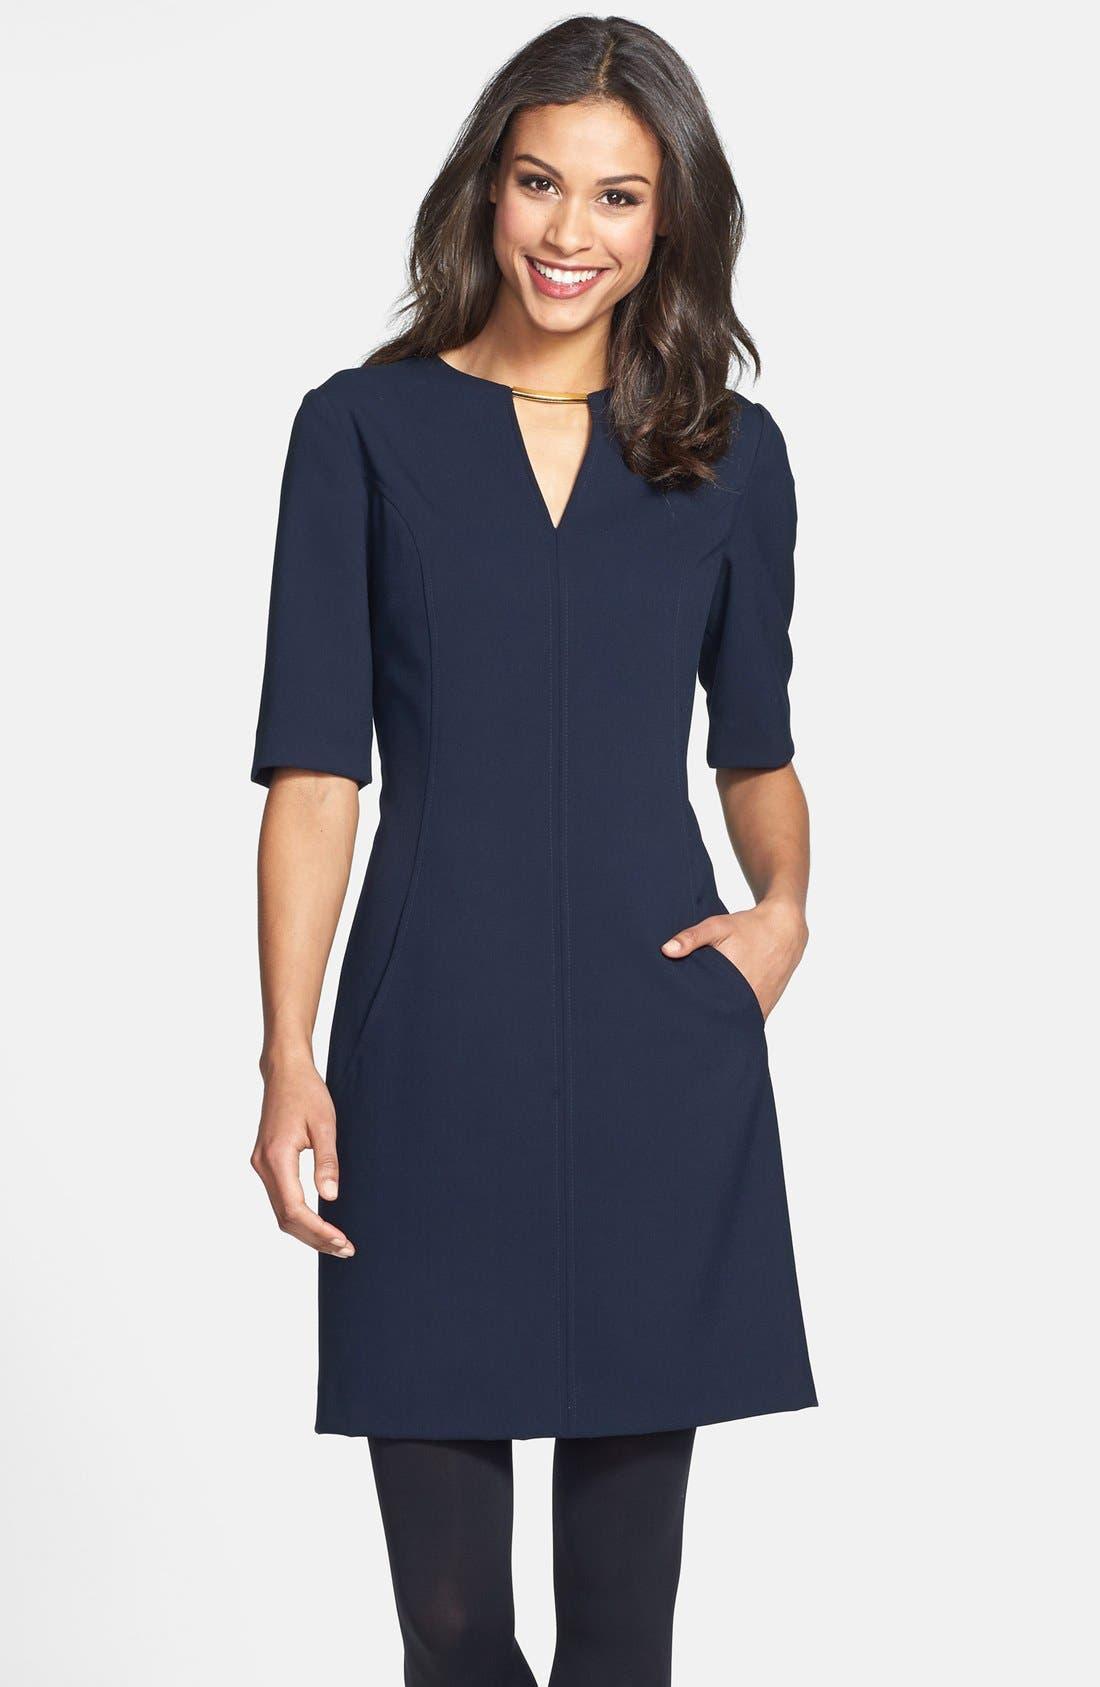 Main Image - Tahari V-Neck Shift Dress (Regular & Petite) (Online Only)